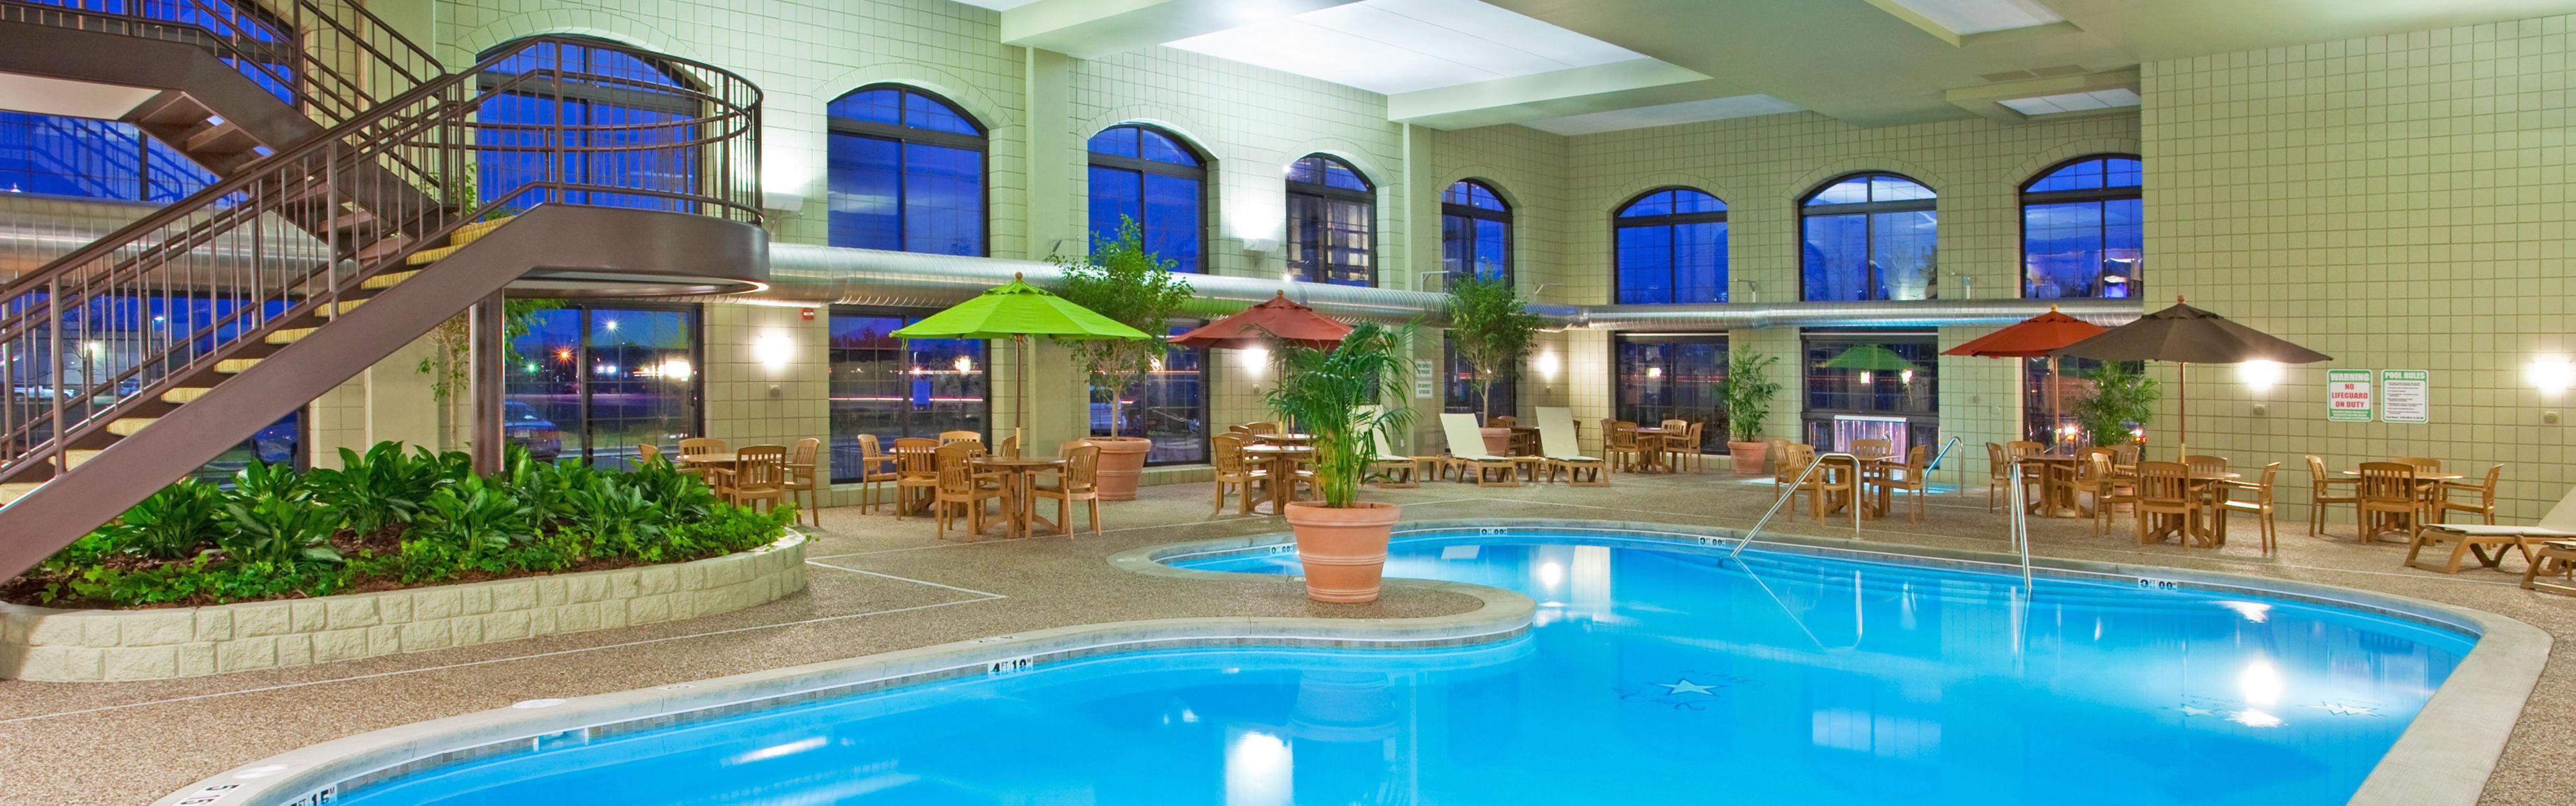 Holiday Inn Midland image 2